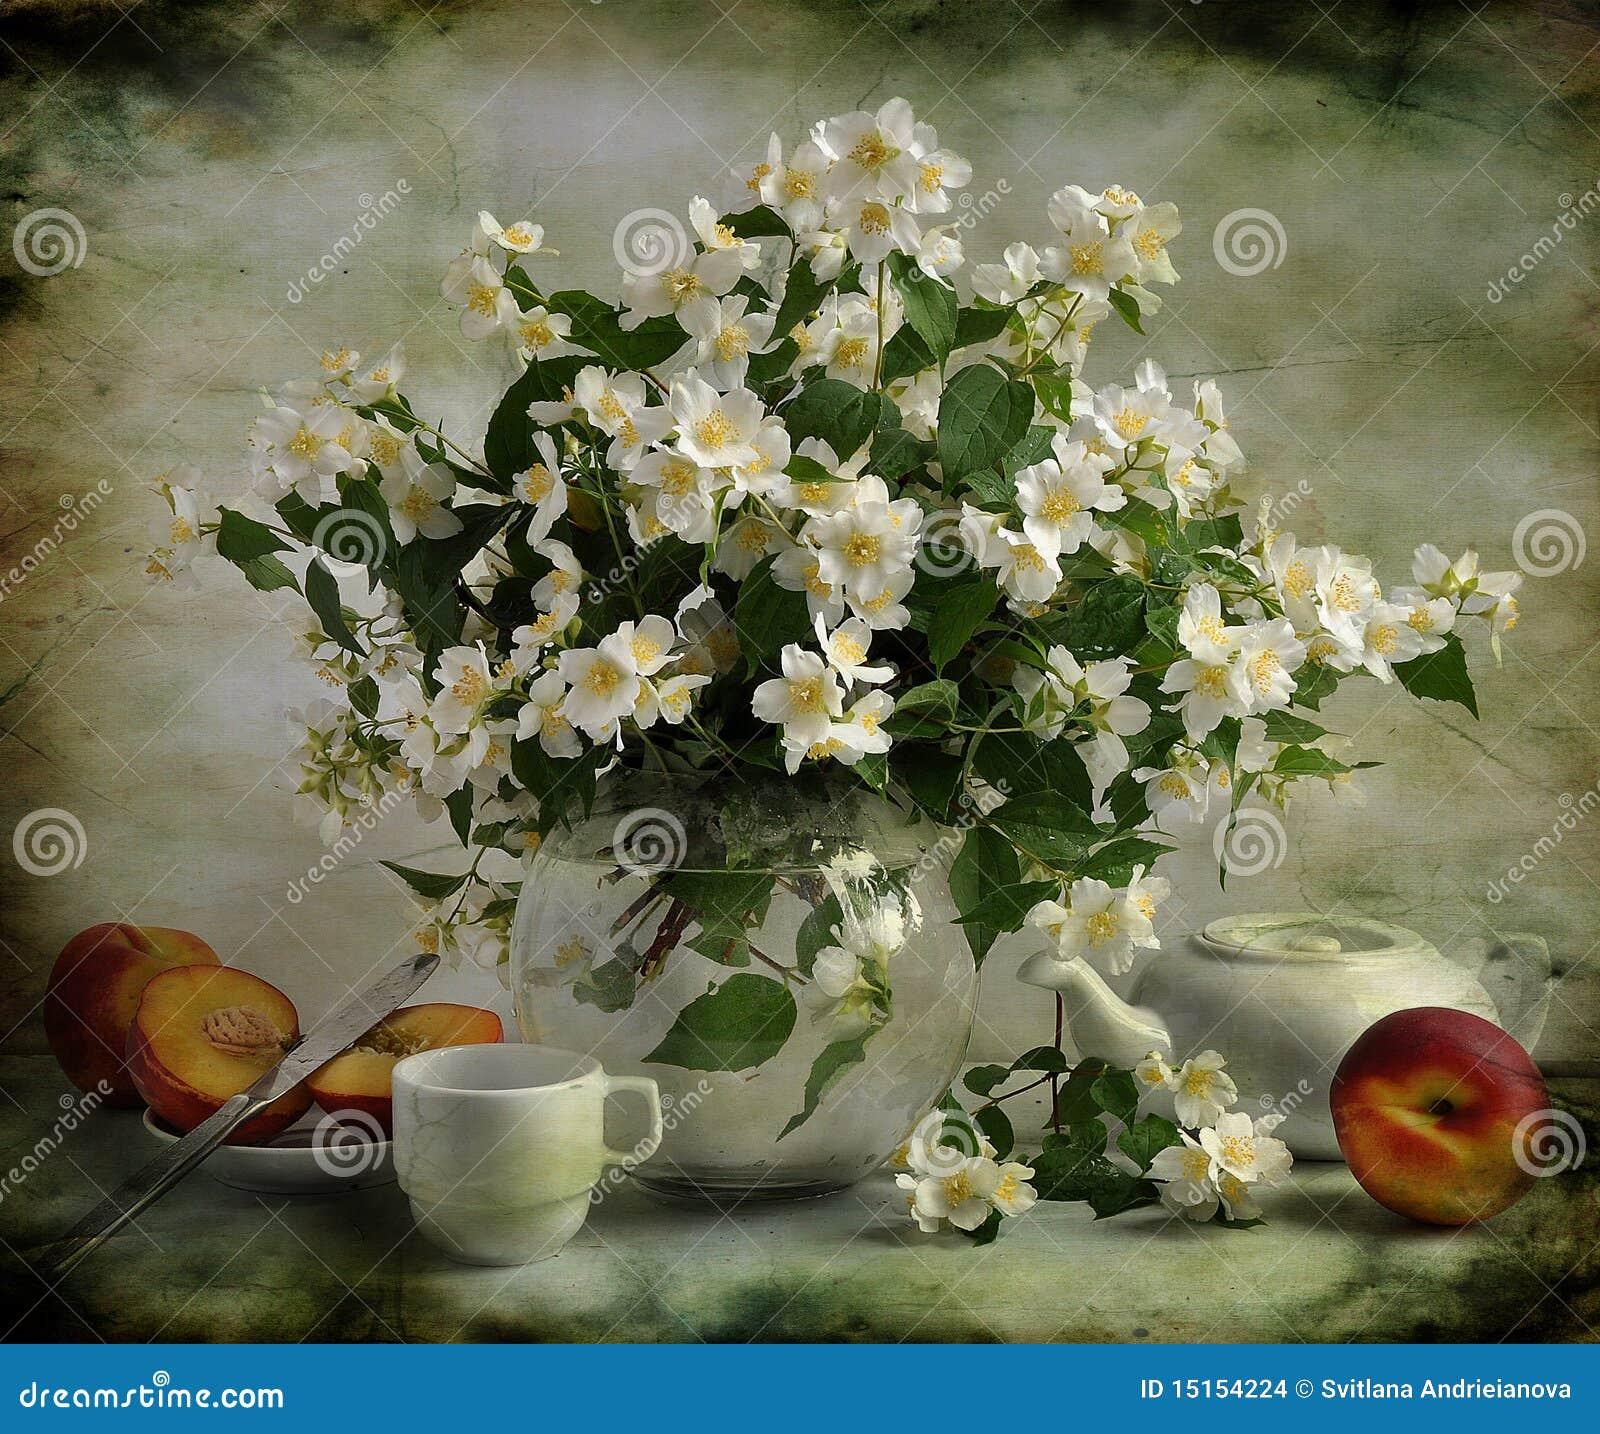 Bouquet of jasmin